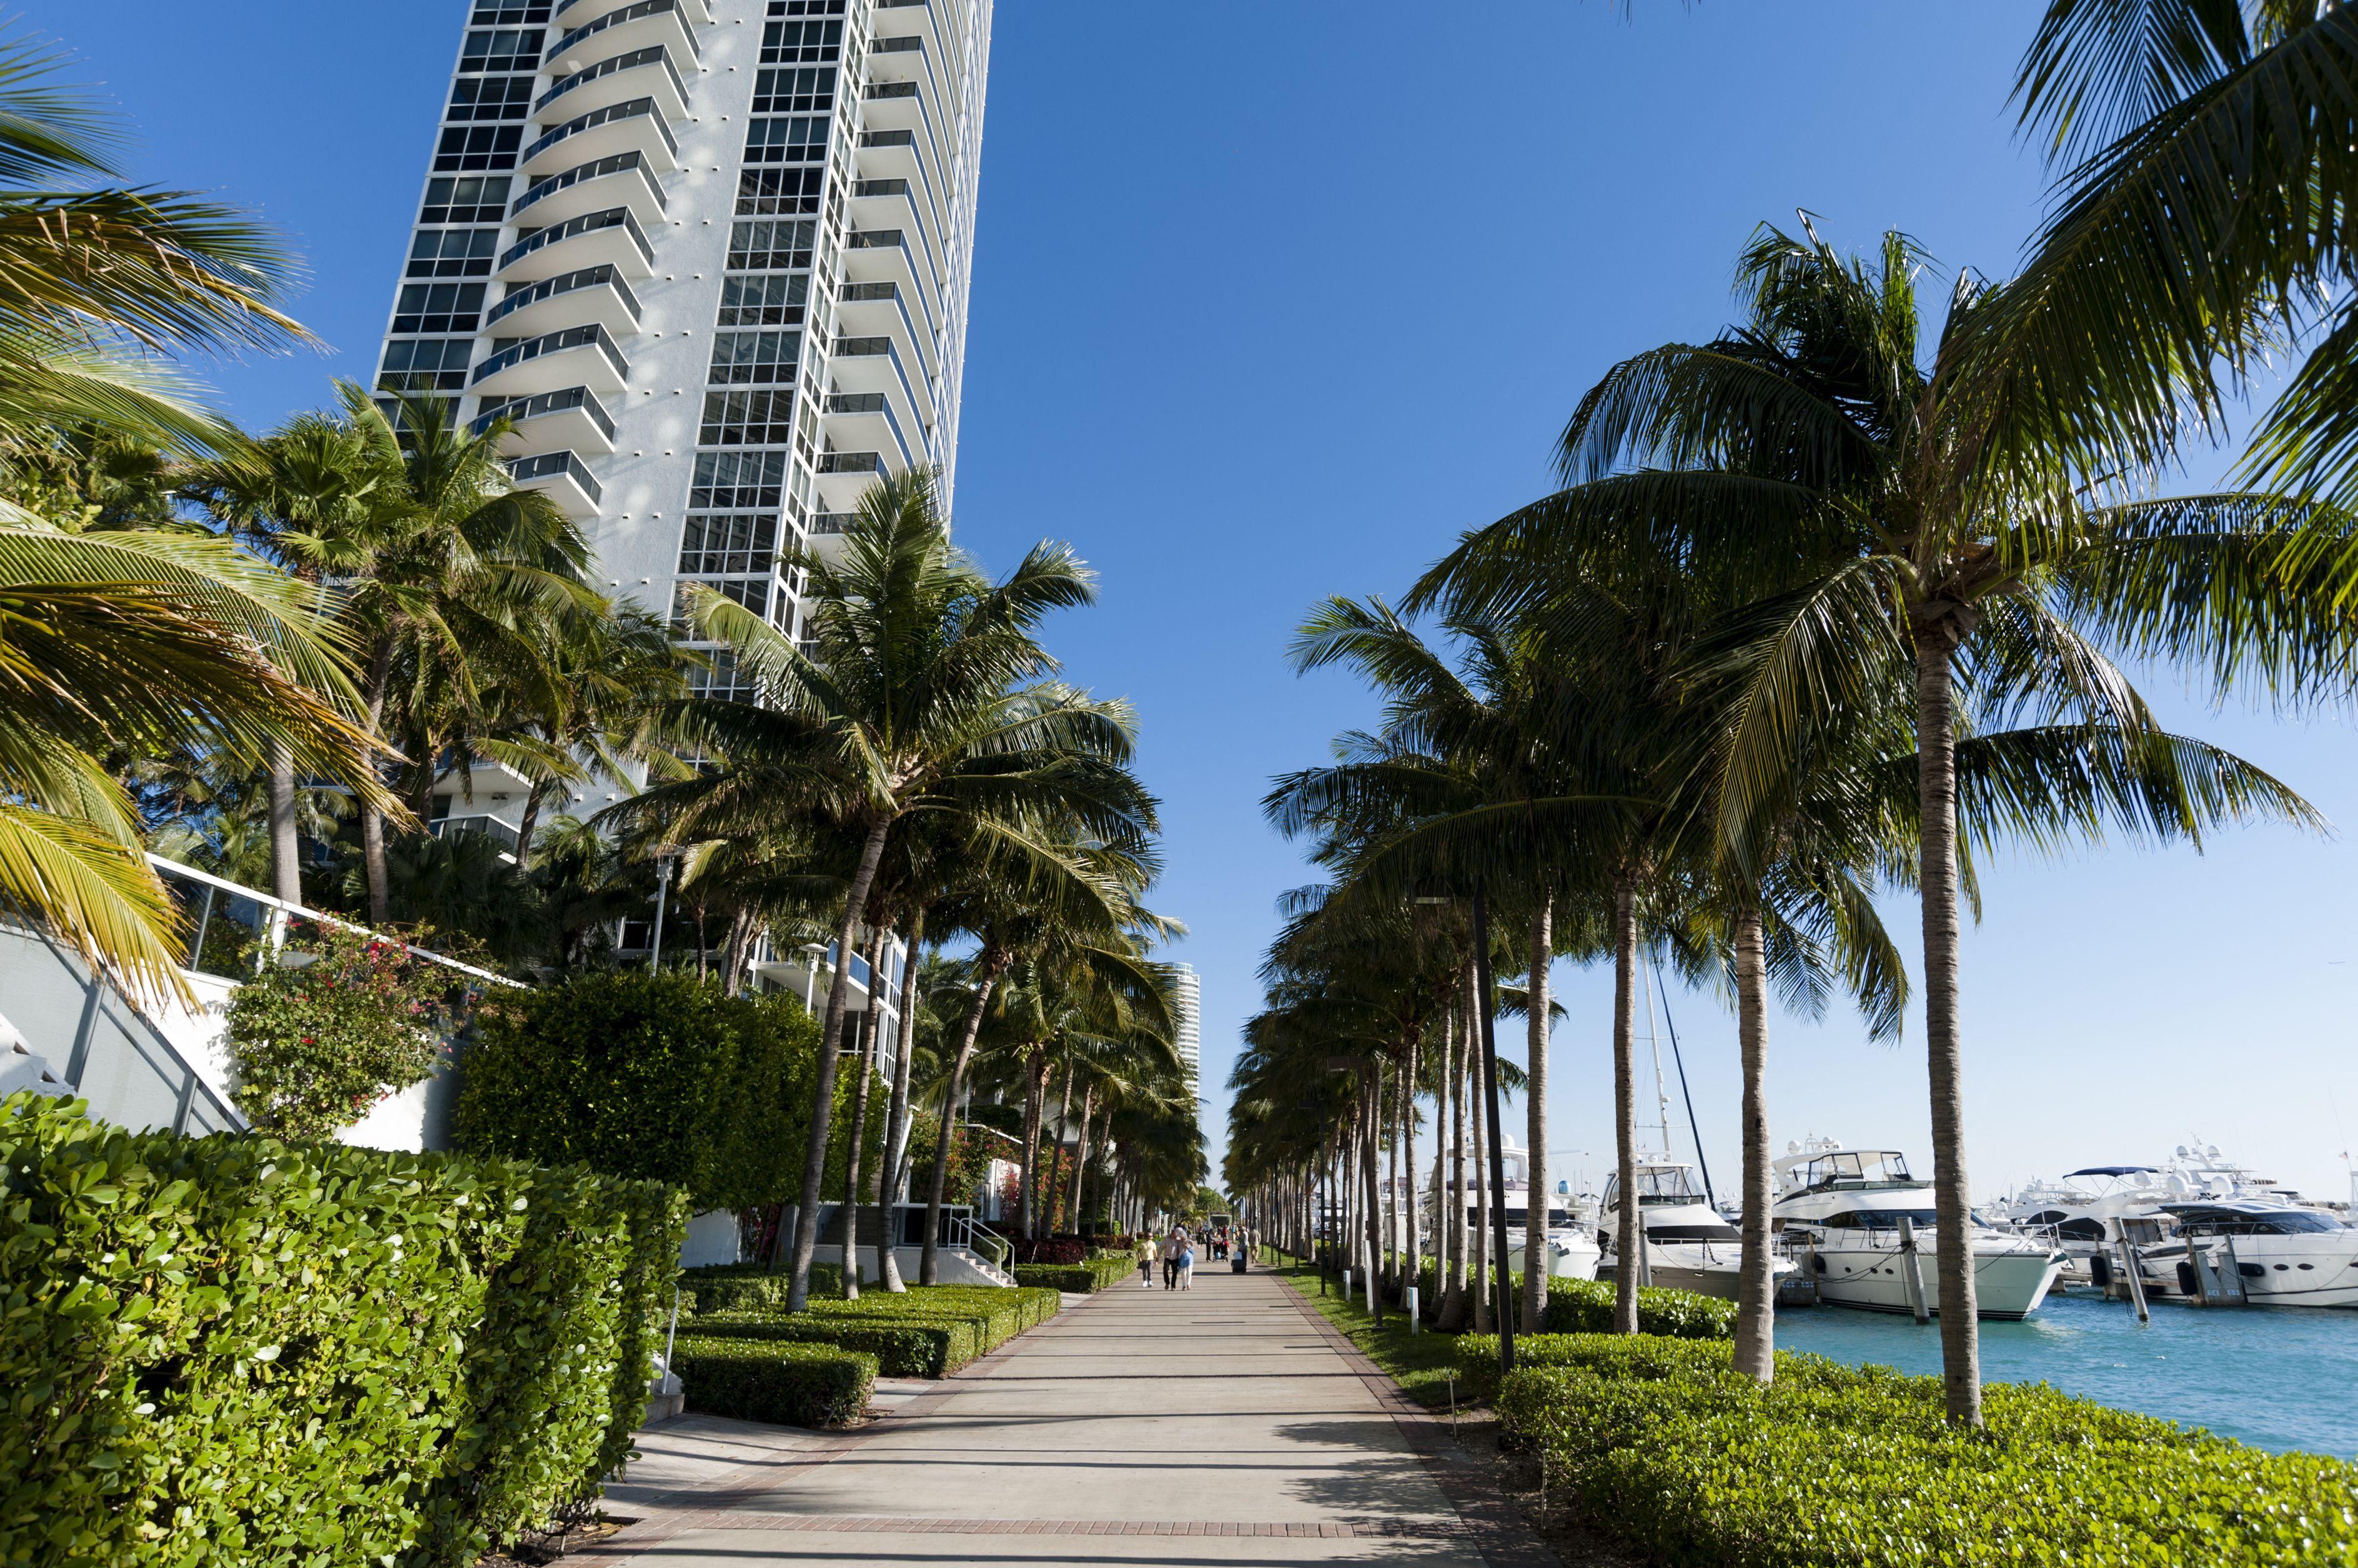 Miamiban a klímaváltozás miatt kivágják a pálmafákat